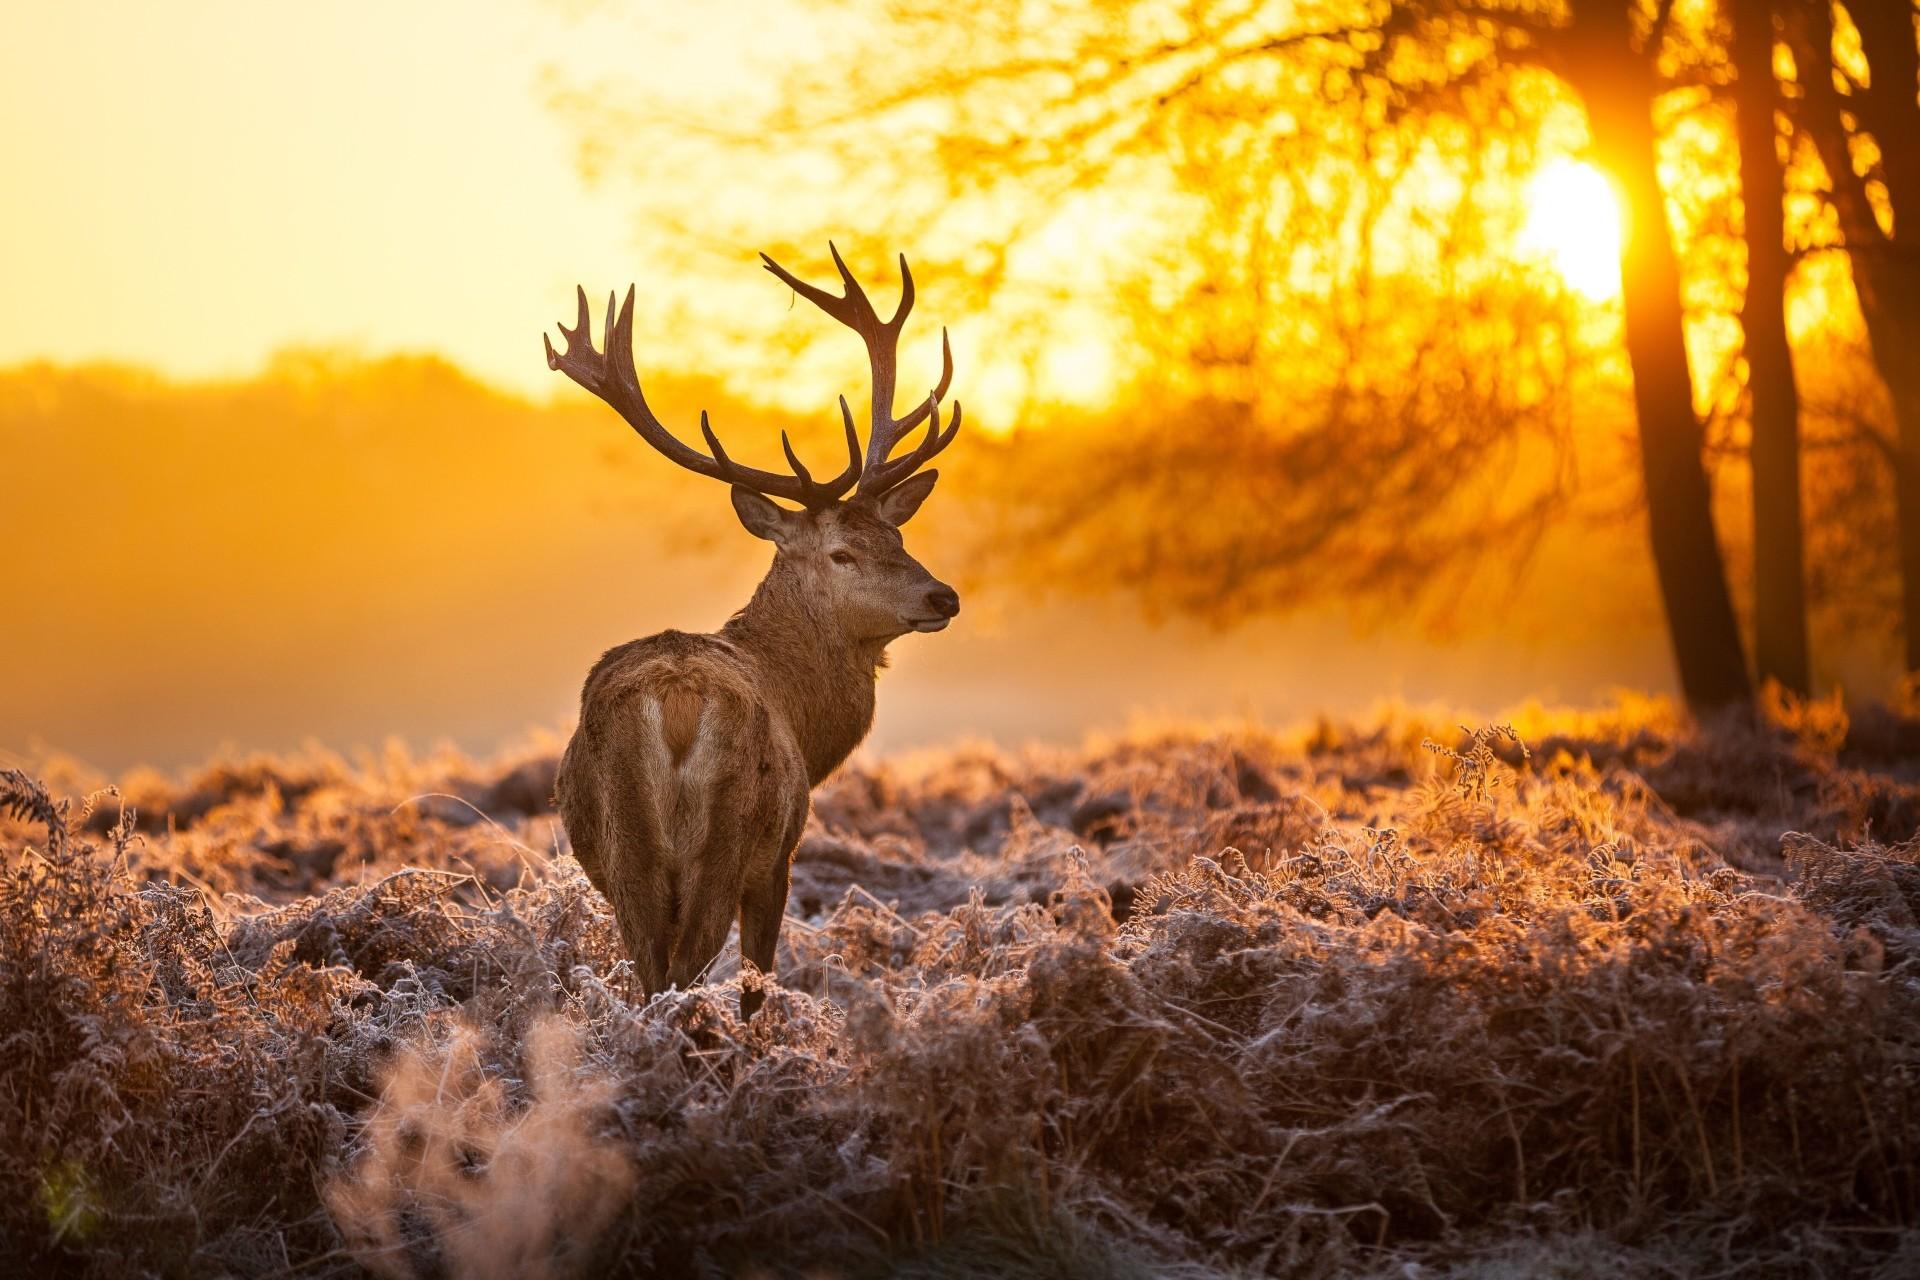 Animal Deer Animal Buck Sunset Forest Sky Gold Wallpaper